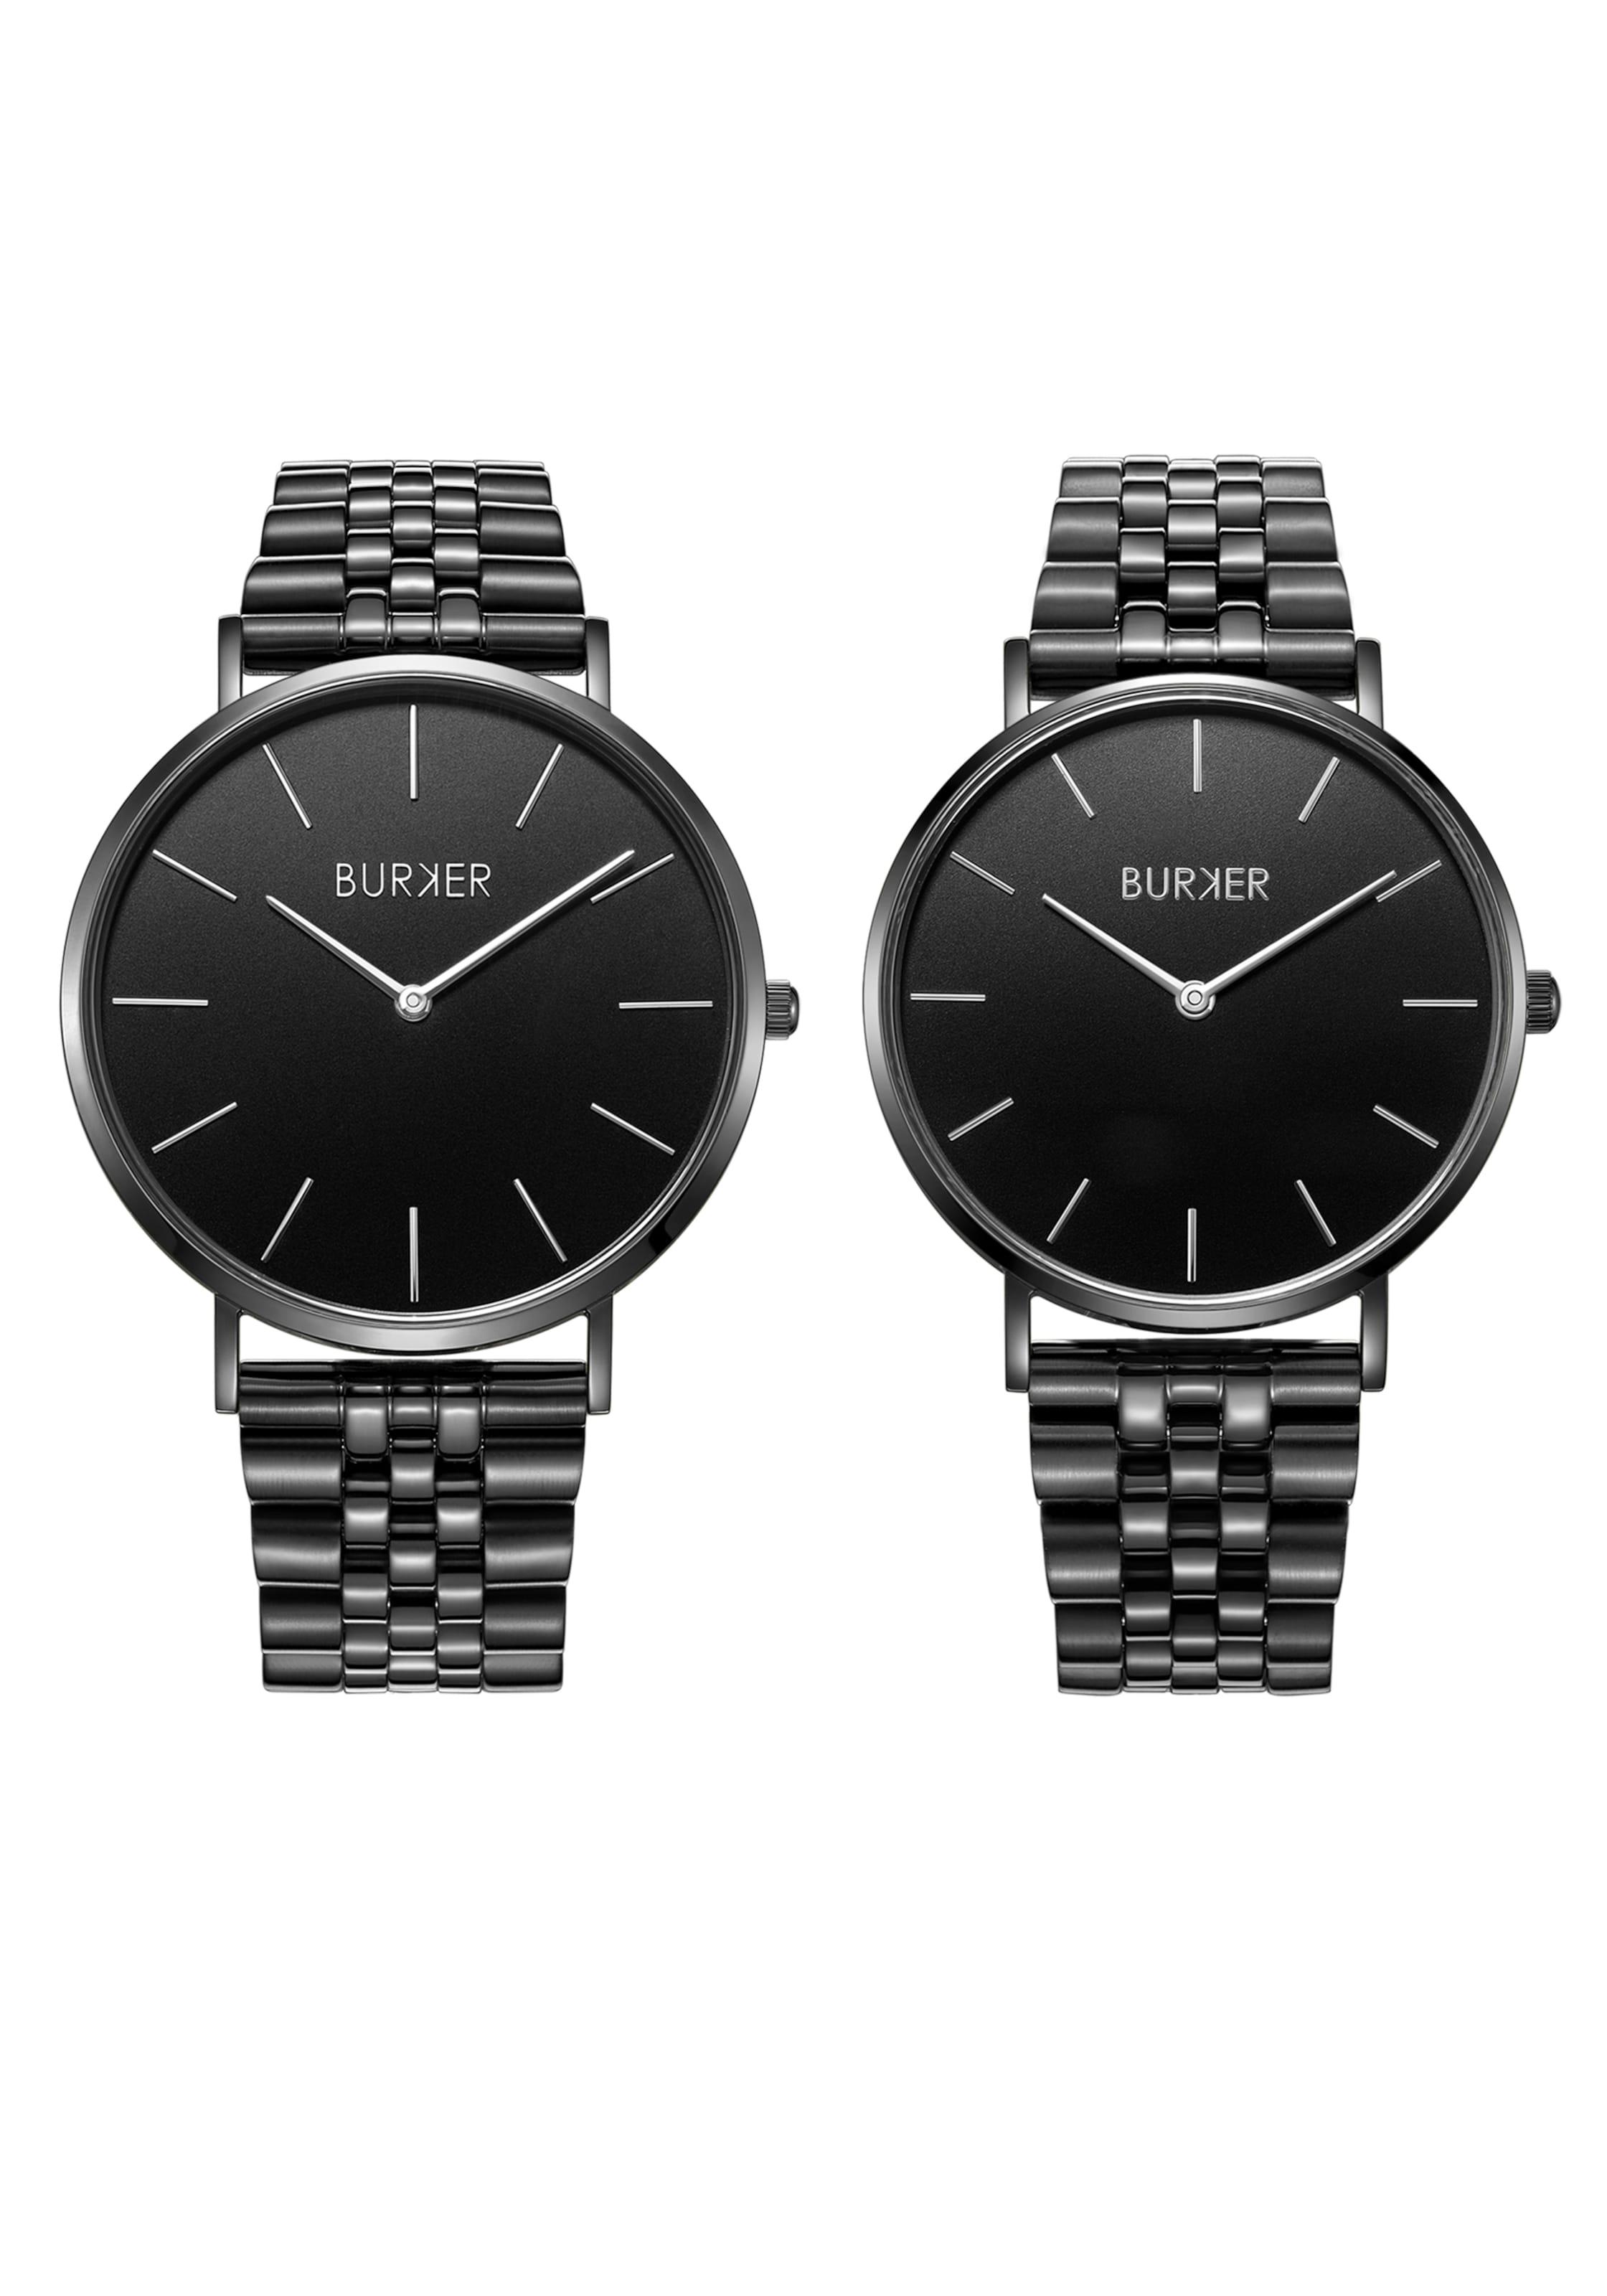 Edition Black Uhr Schwarz Limited In Watches Burker Adamamp; Eve w08PnkOX